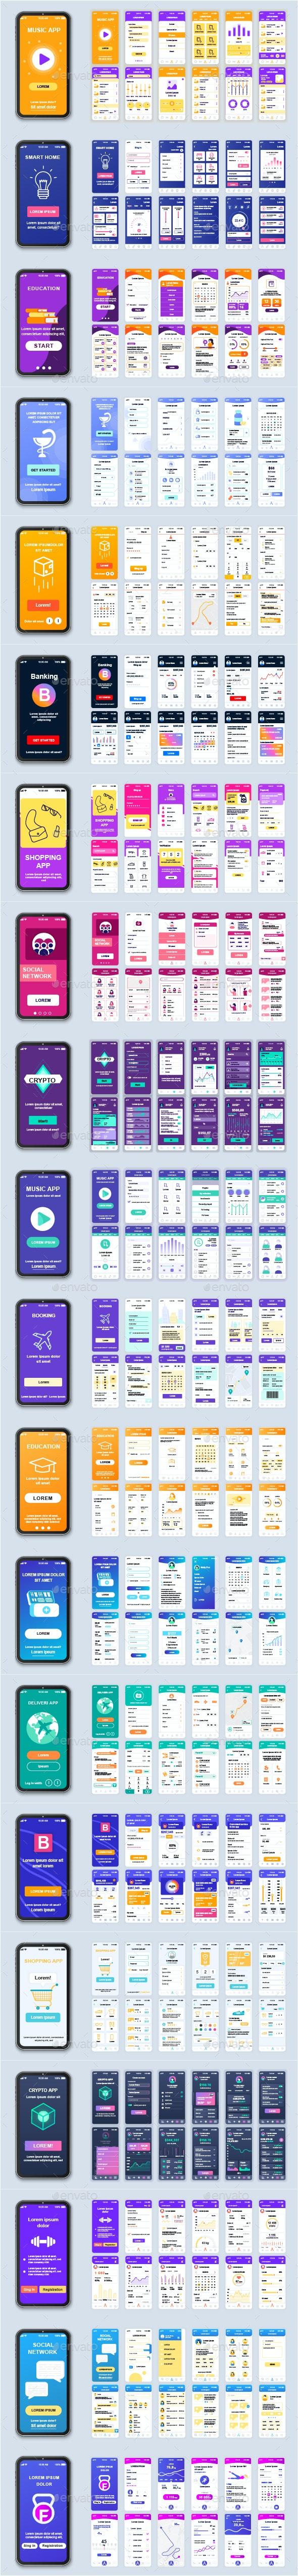 Mobile App UI Kit - Web Elements Vectors